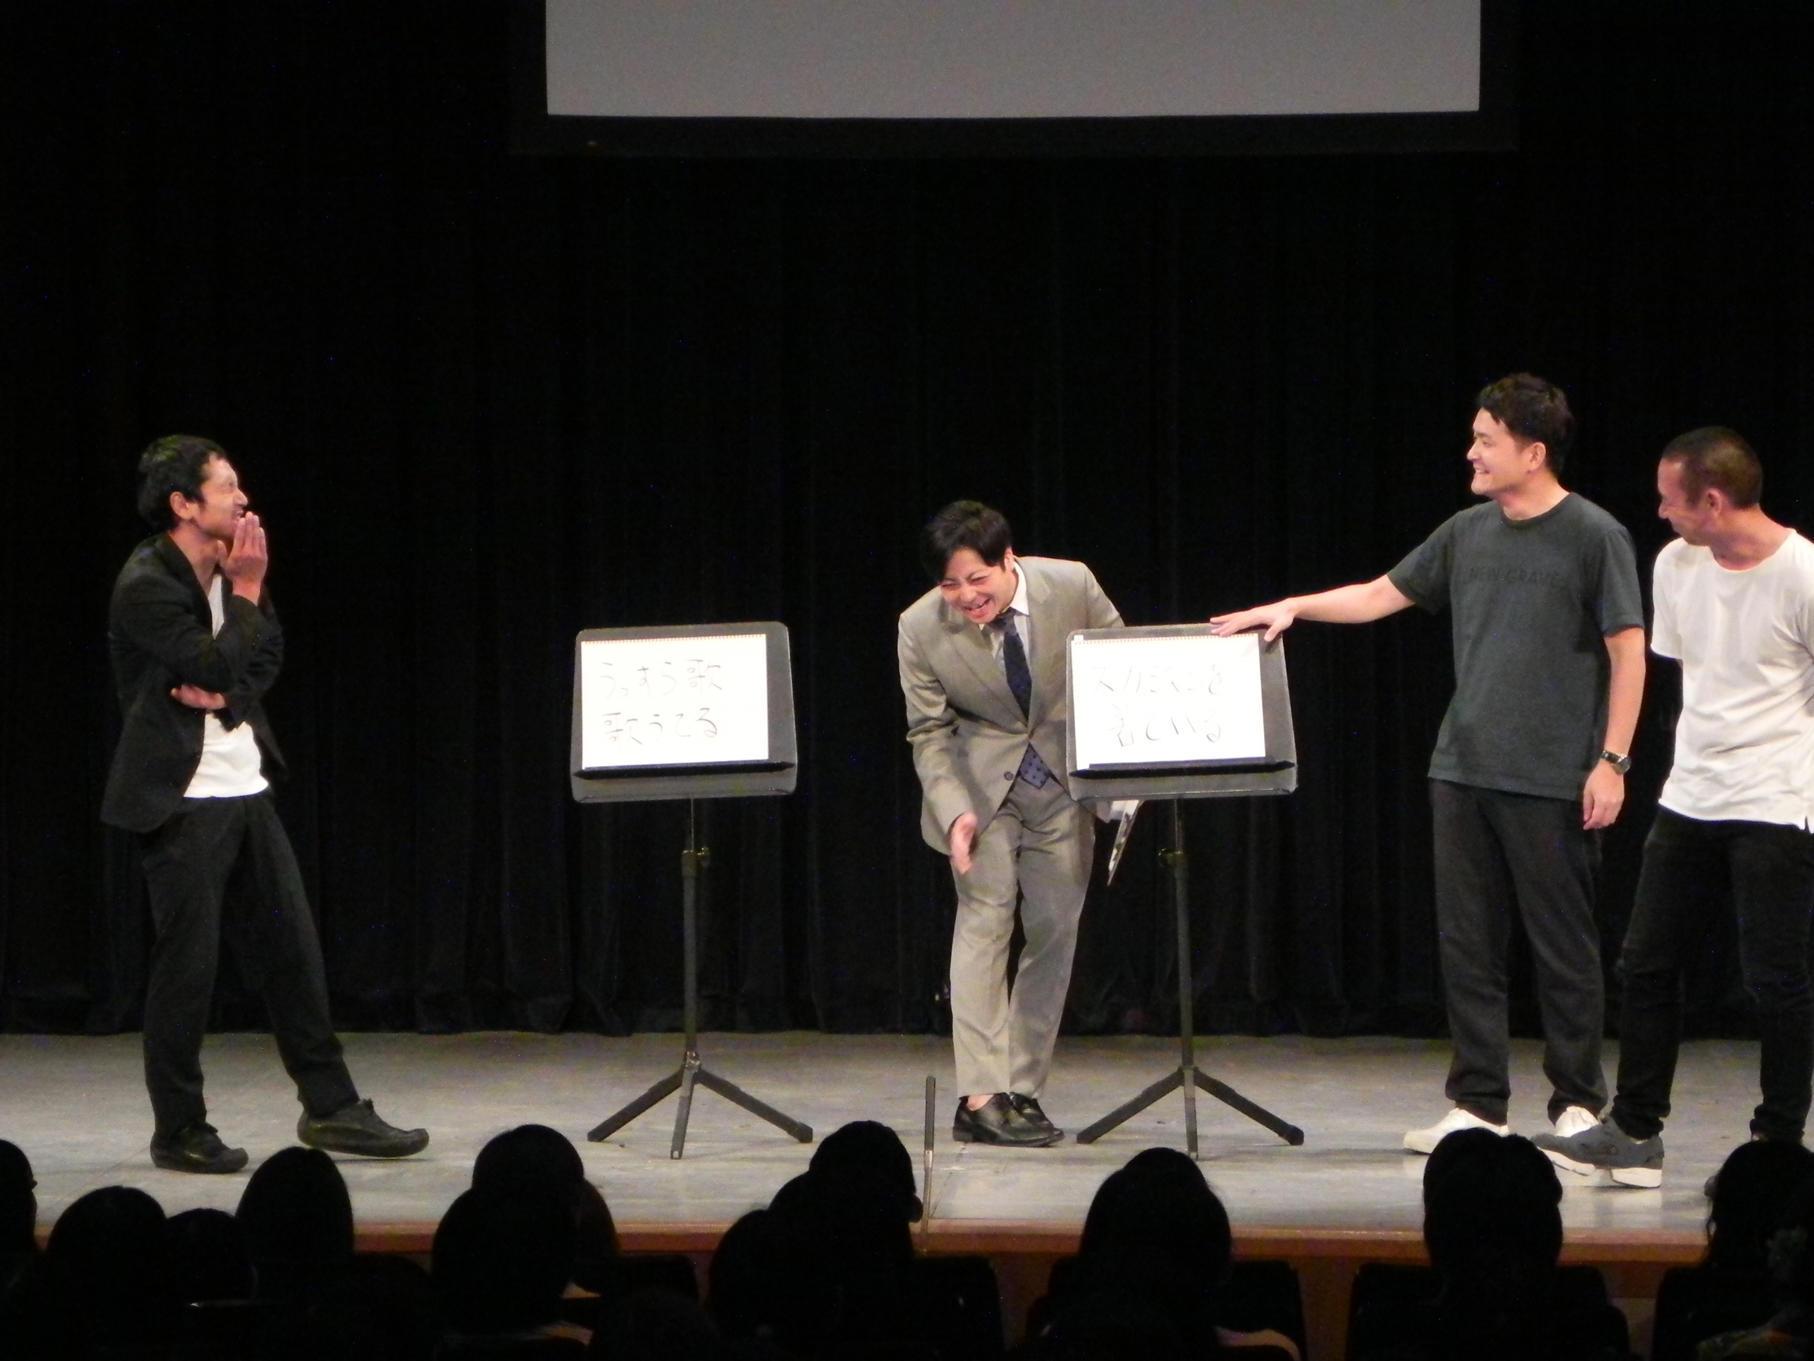 http://news.yoshimoto.co.jp/20170717195823-60aafa40db099467b523b389127f8a9448dcf45a.jpg